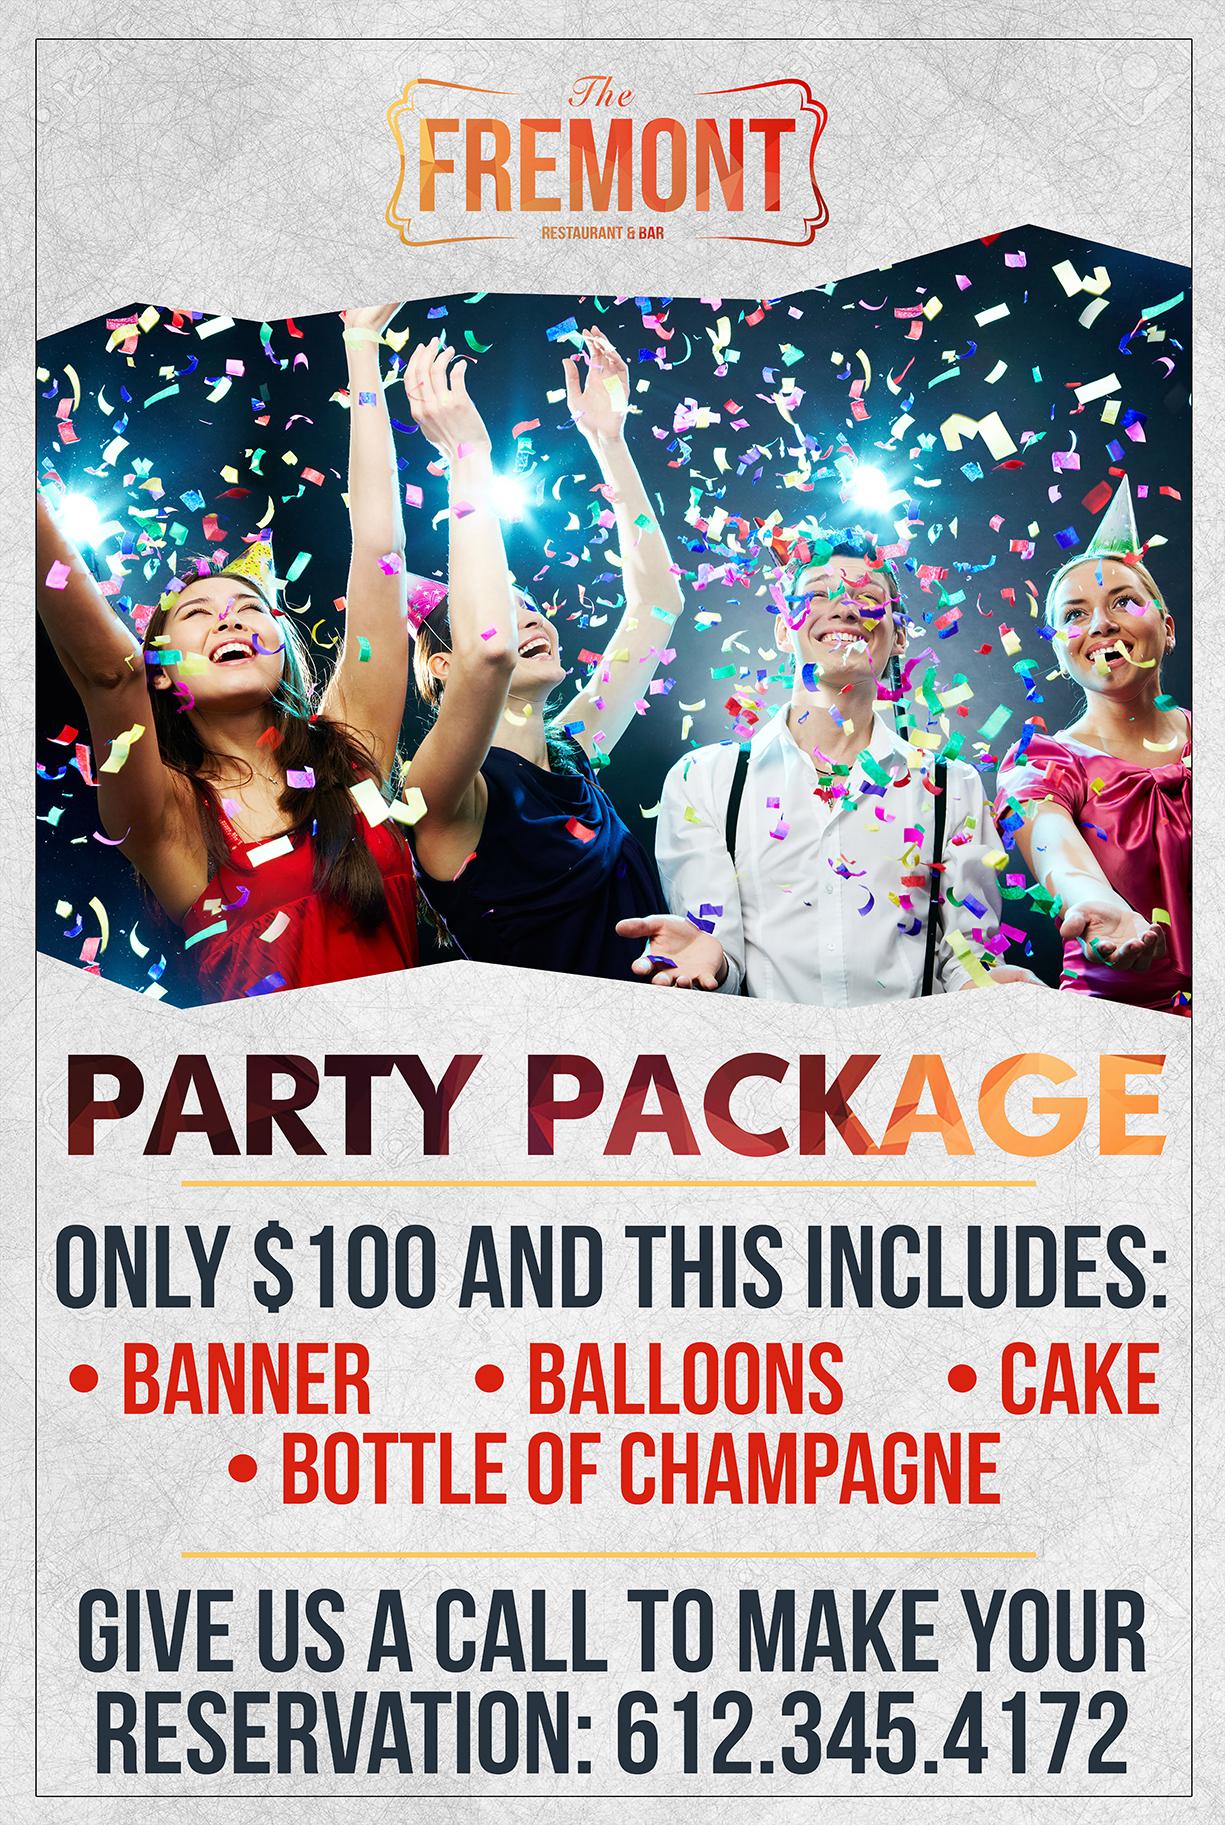 PartyPackage-web.jpg